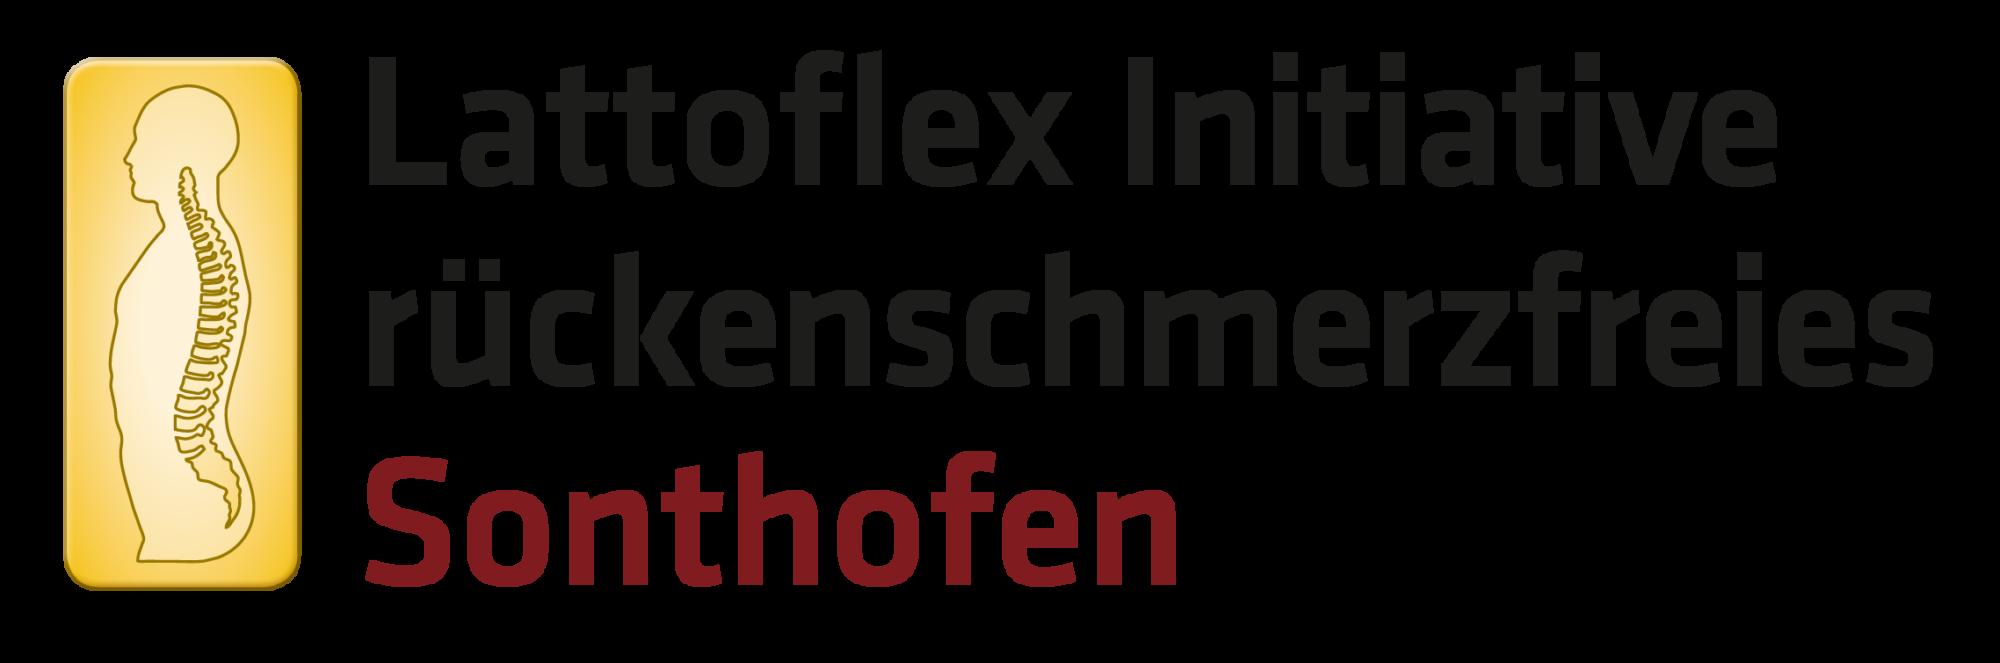 Initiative Rückenschmerzfreies Sonthofen Logo